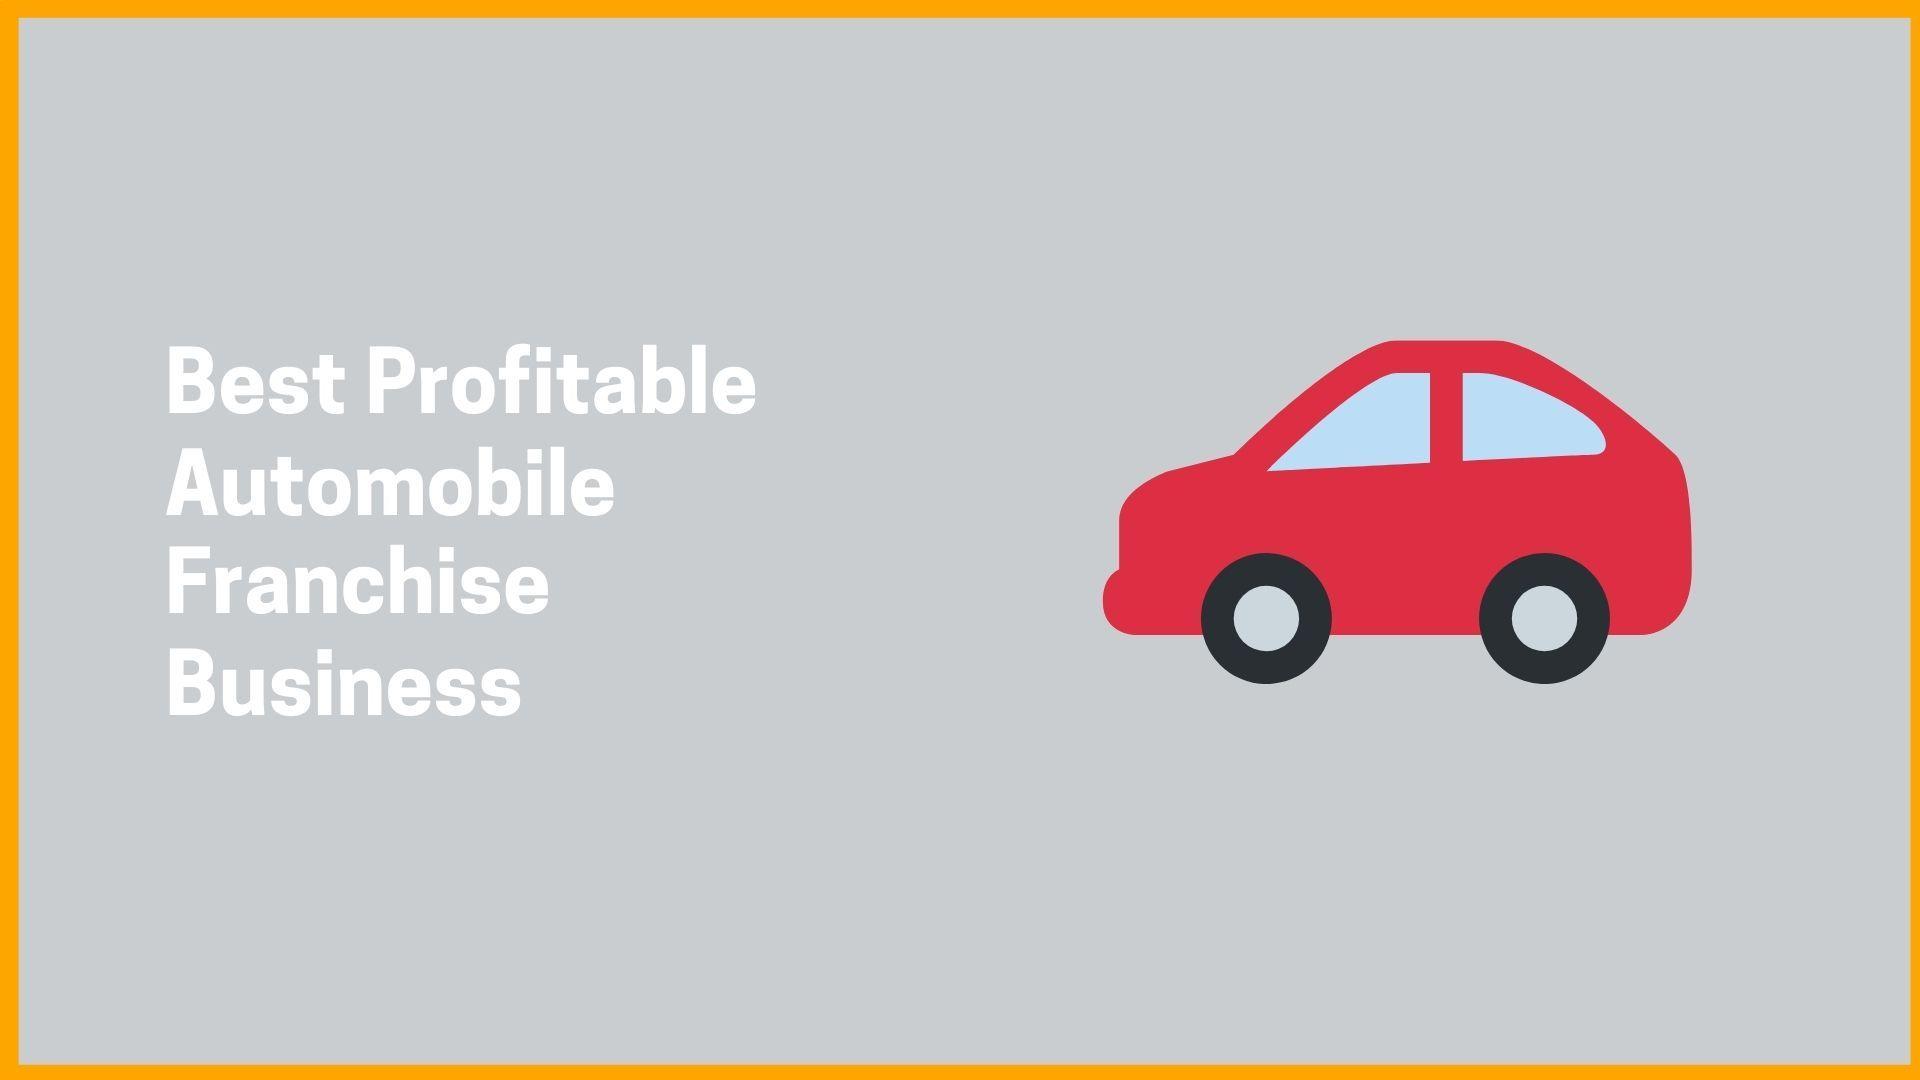 Best Profitable Automobile Franchise Business